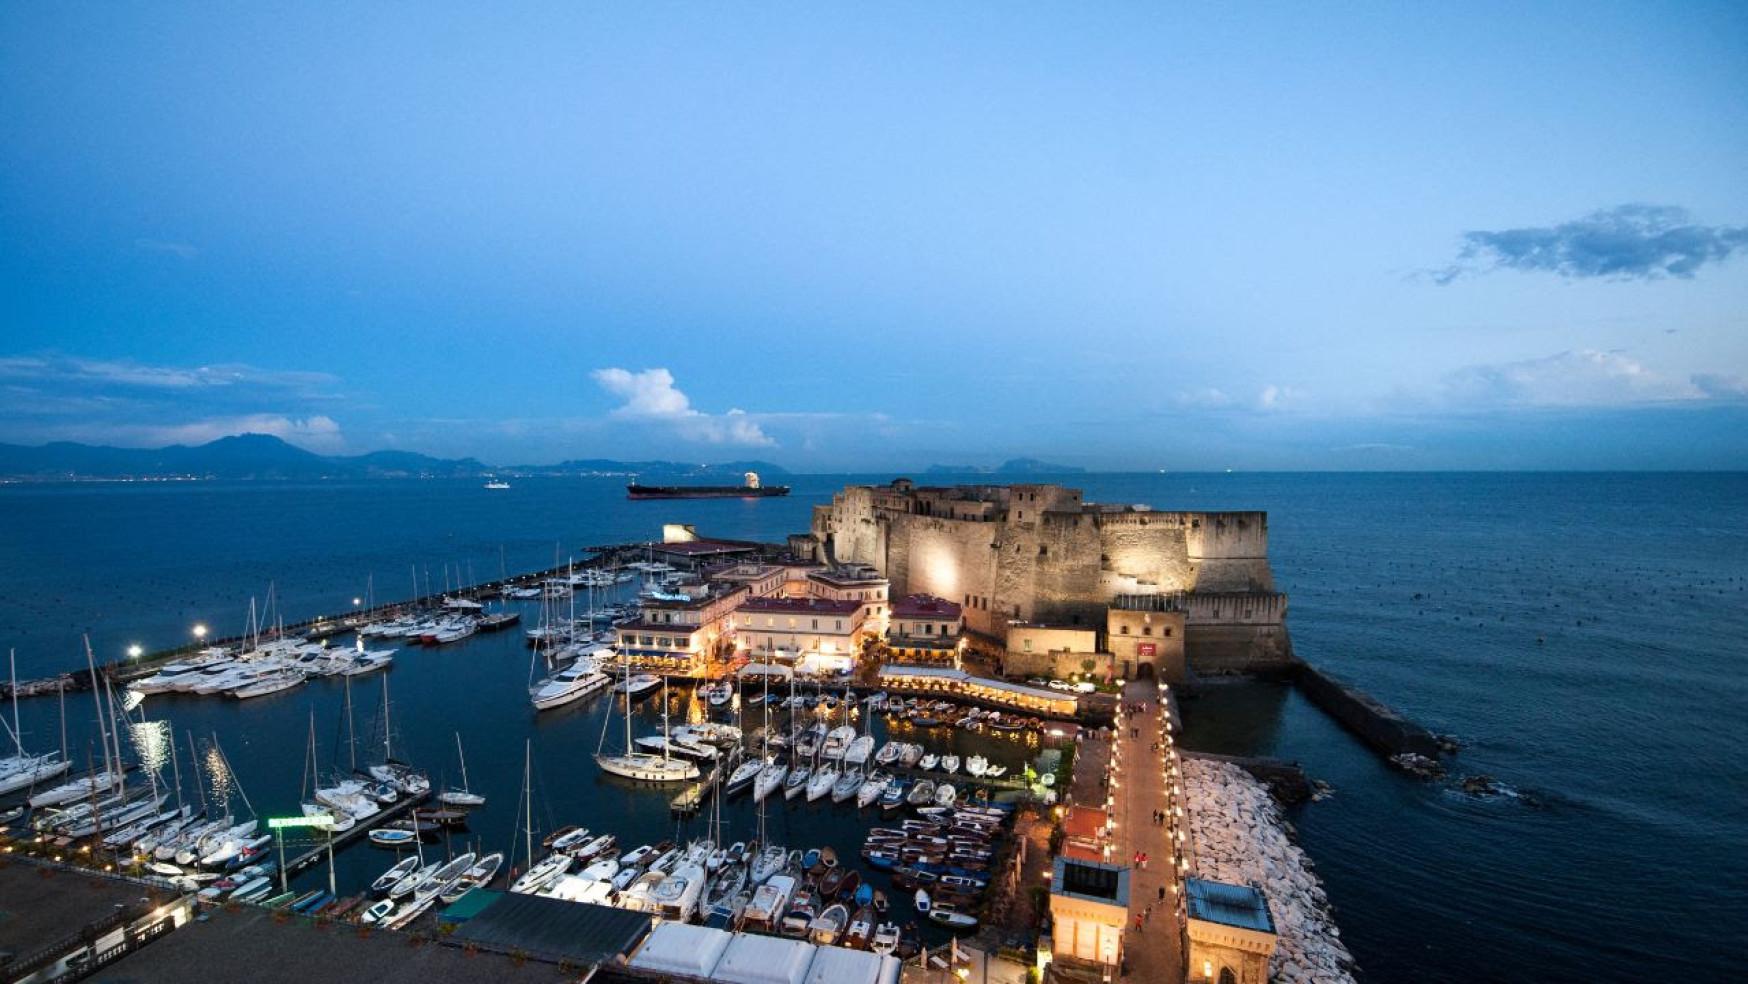 #Vitignoitalia a Napoli dal 21 al 23 maggio 2017 negli splendidi spazi di Castel dell'Ovo